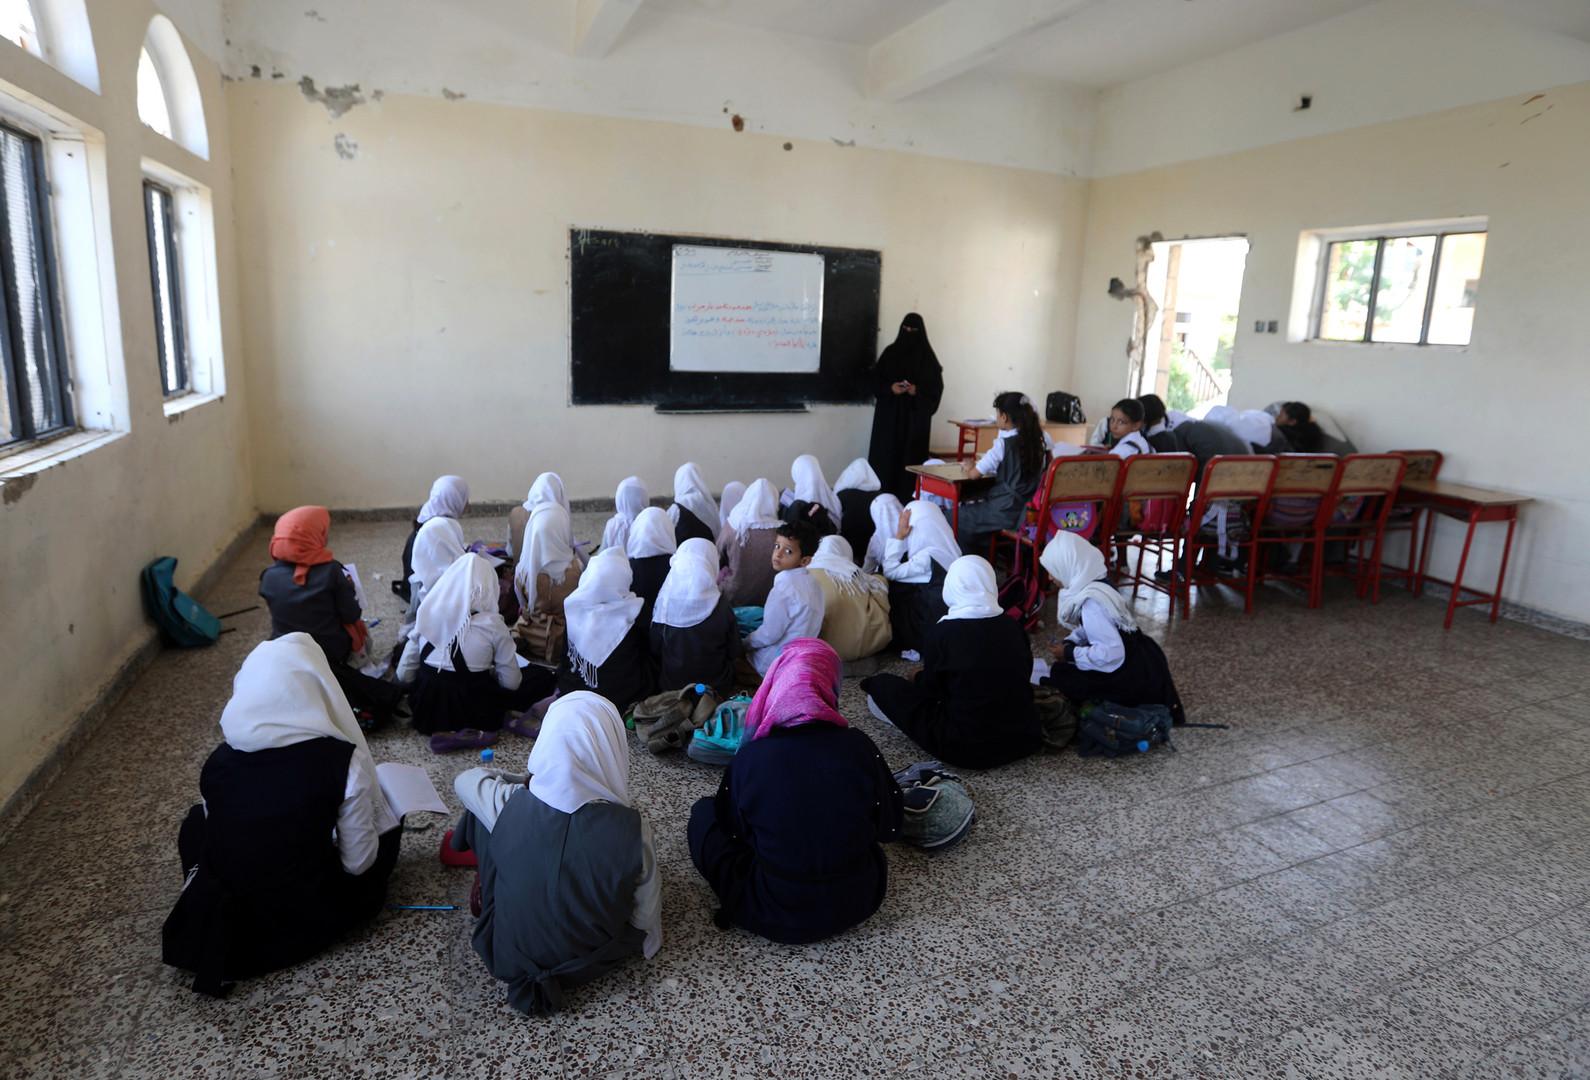 Jemenitische Schüler sitzen am 16. September 2018, dem ersten Tag des neuen Schuljahres  in dem Klassenzimmer einer Schule, die im vergangenen Jahr bei einem Luftangriff der Saudi-geführten Koalition in der Stadt Taez des Landes beschädigt wurde.